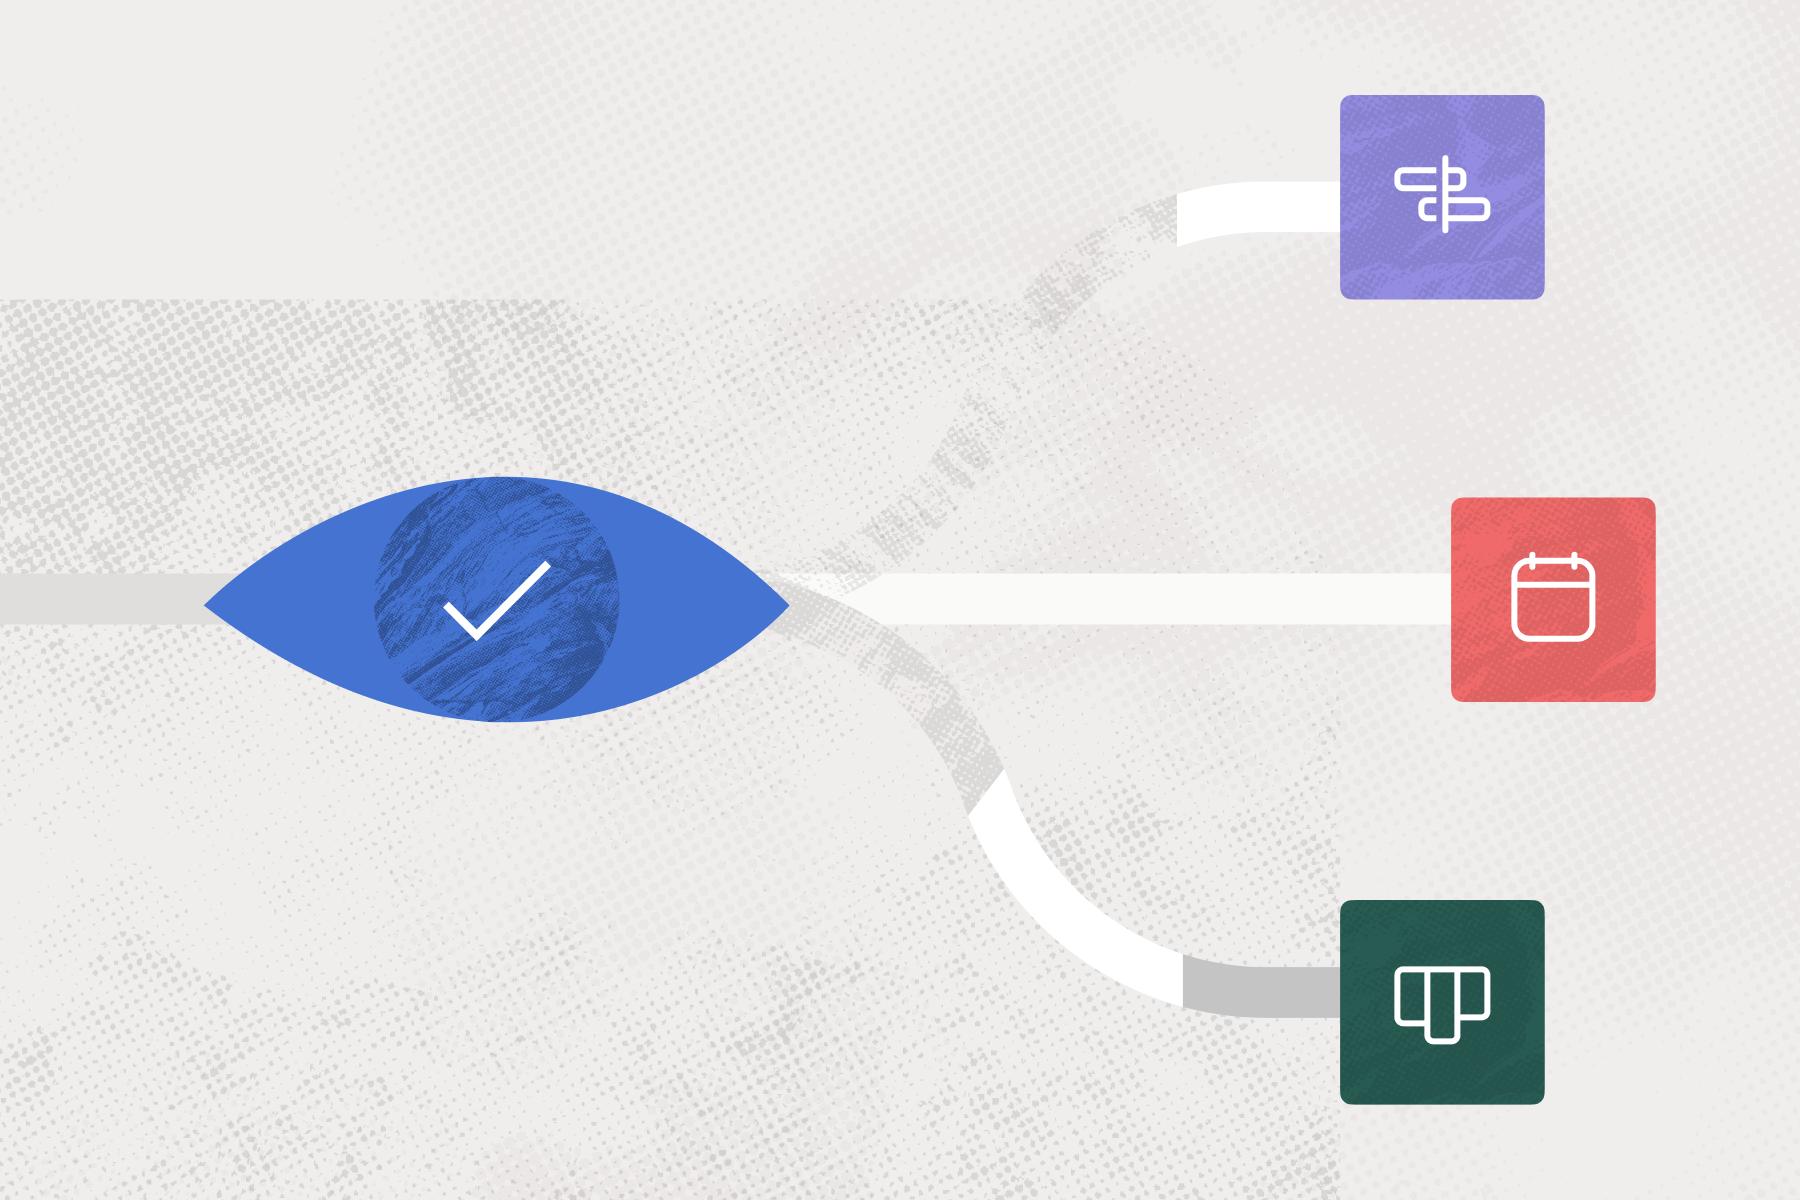 Obraz baneru do artykułu o wizualnym zarządzaniu projektami